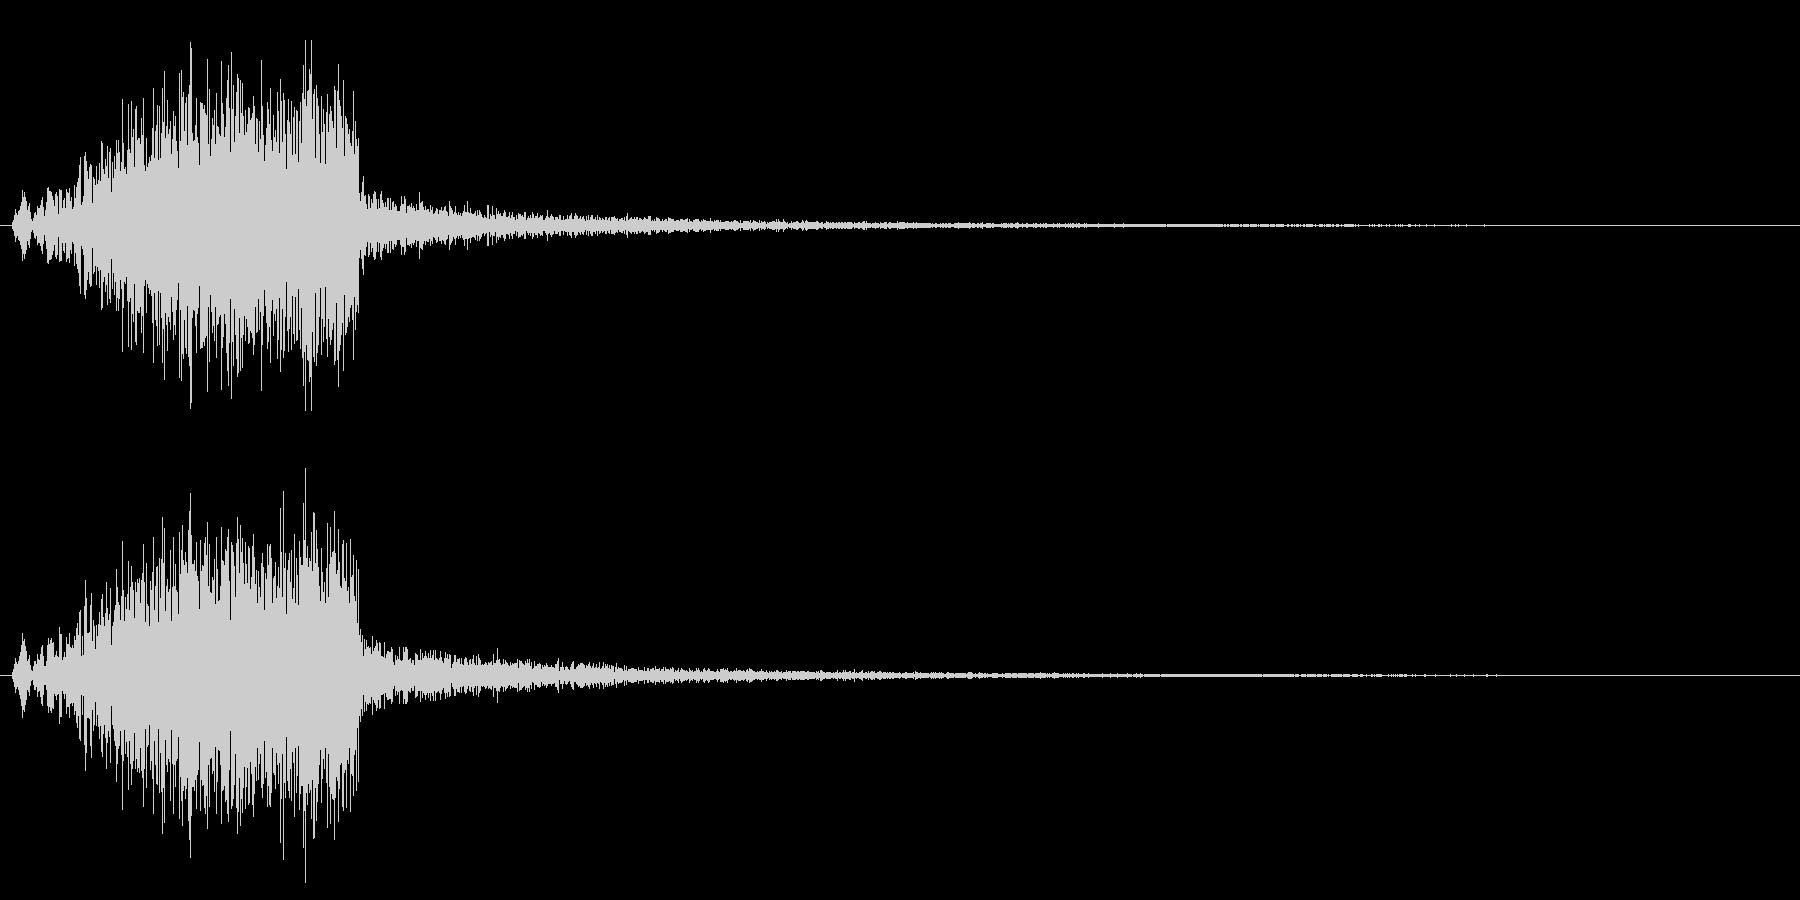 ウィシィン、という風を切るような音の未再生の波形